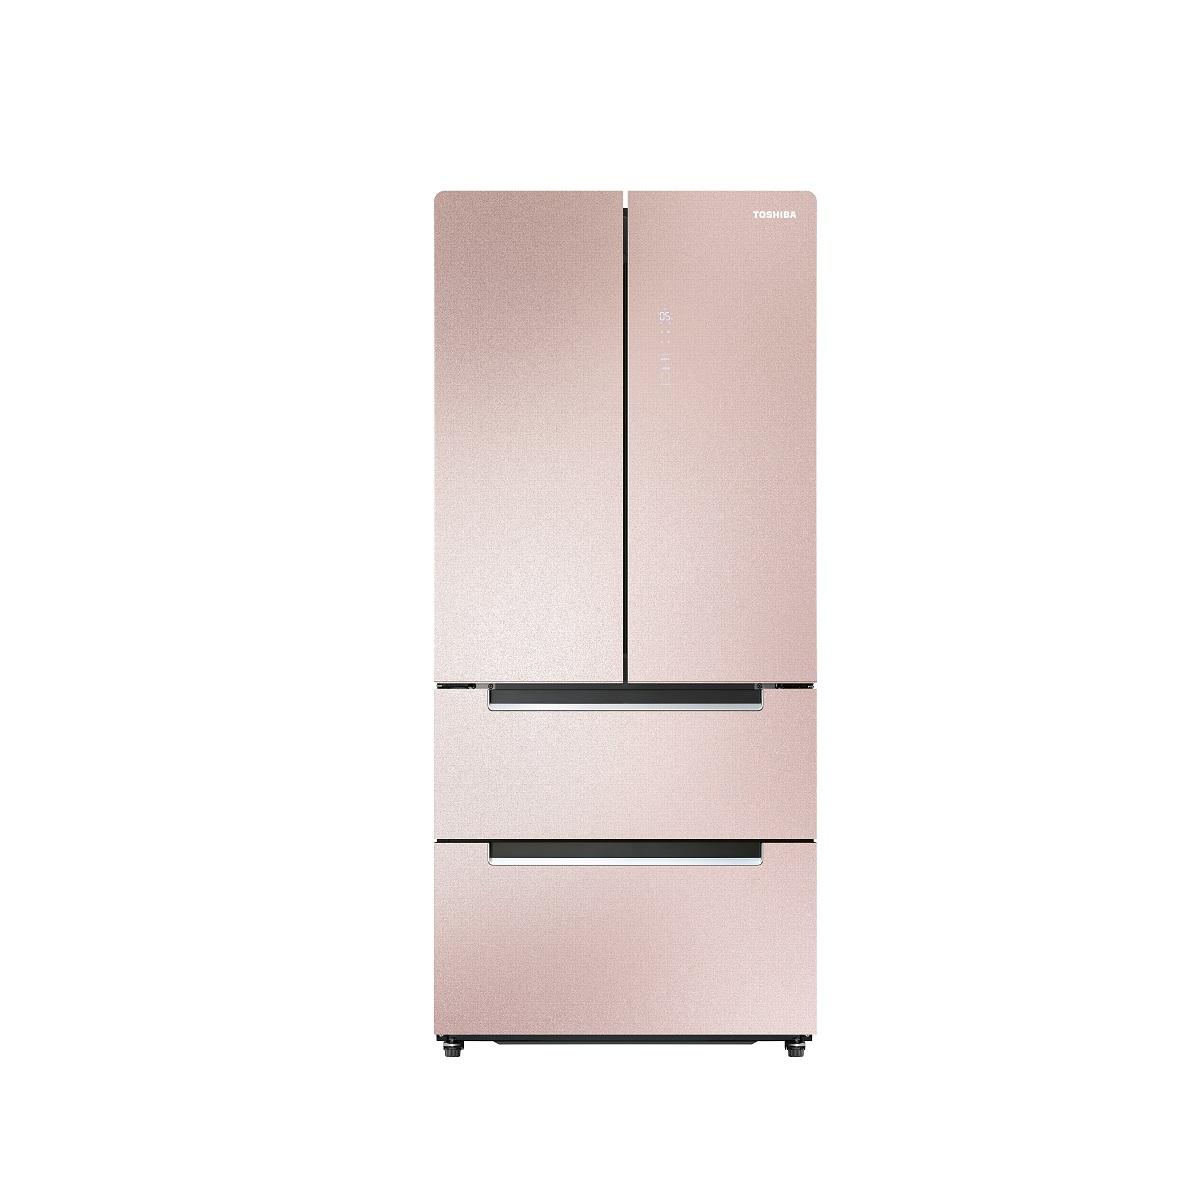 东芝 BCD-528WGJT冰箱 说明书.pdf